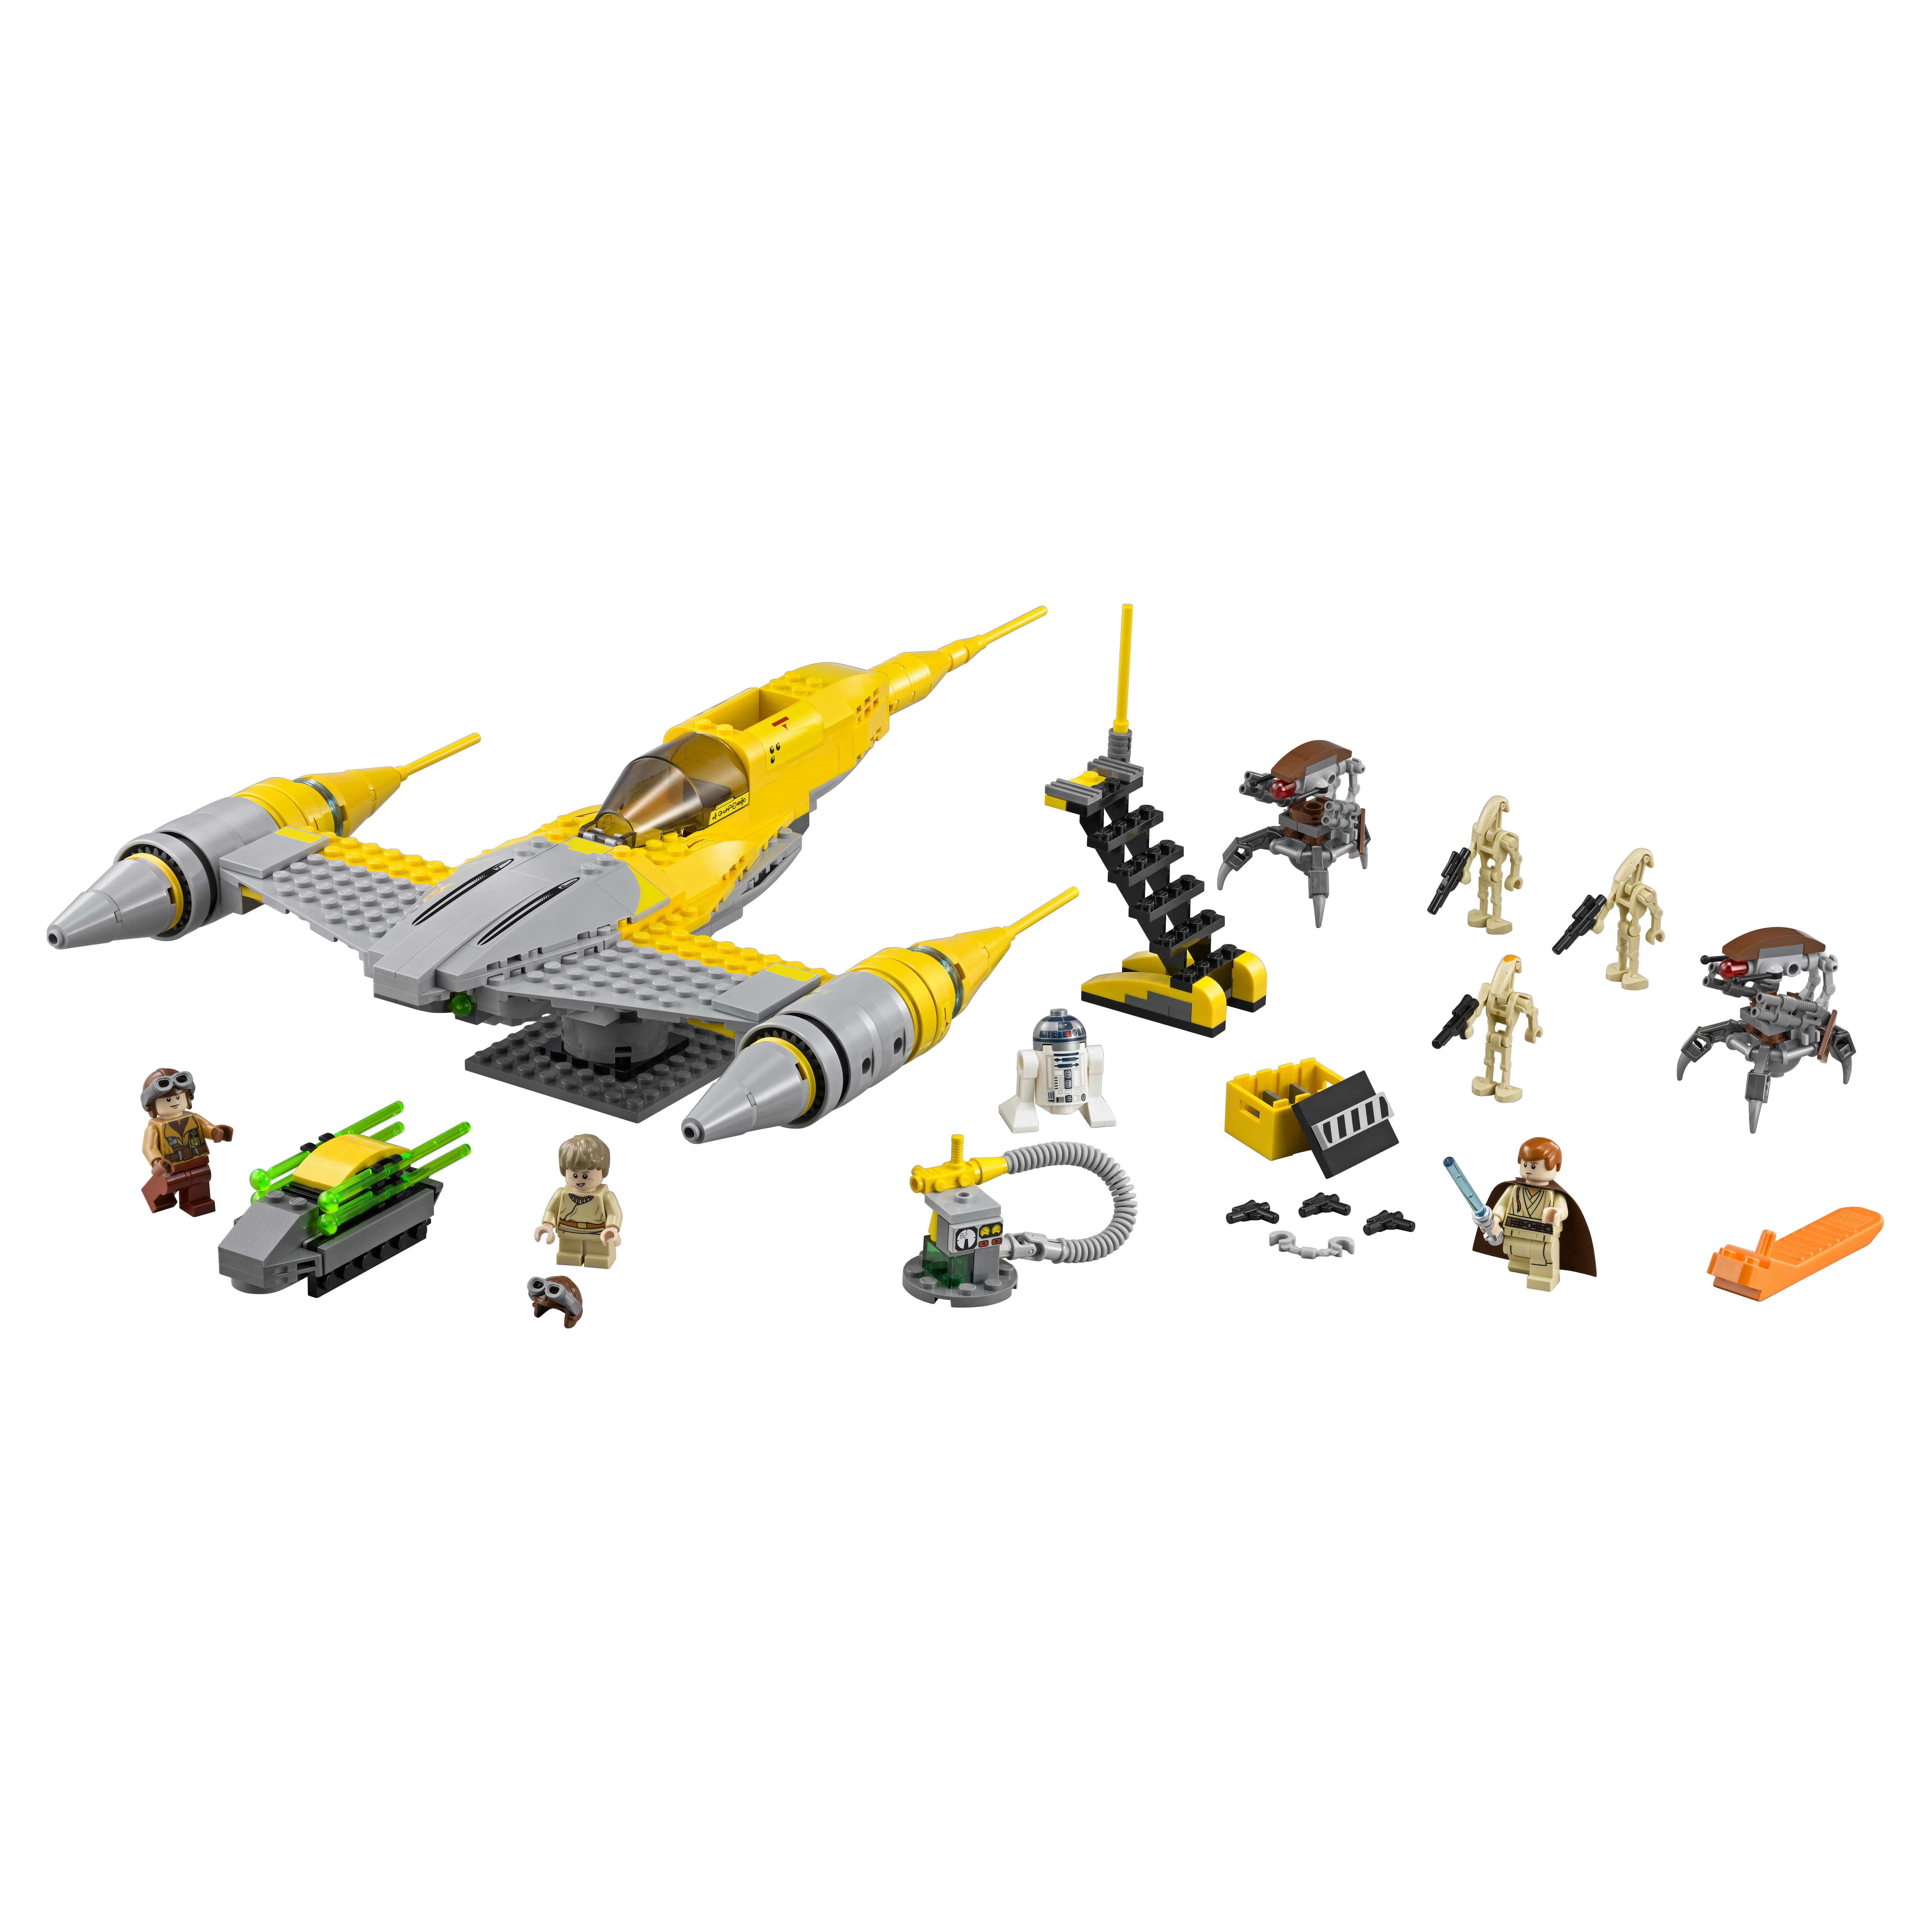 Купить Конструктор lego star wars истребитель набу naboo starfighter 75092, Конструктор LEGO Star Wars Истребитель Набу (Naboo Starfighter) (75092)